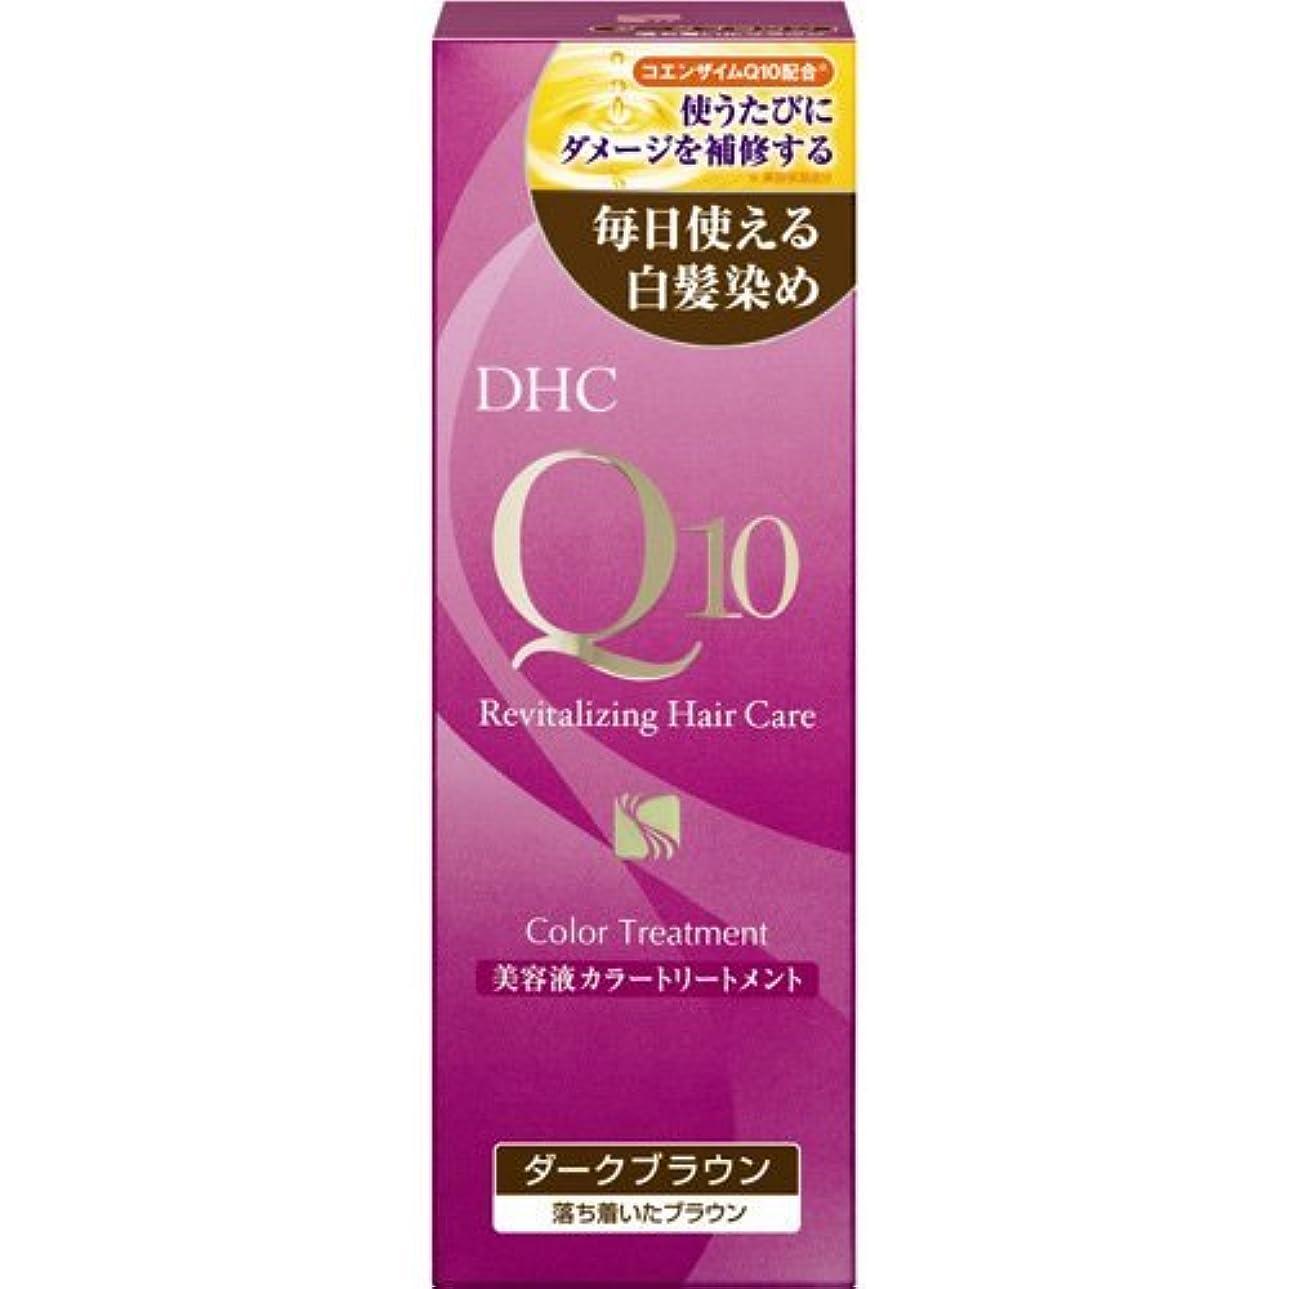 なかなかスラム疫病【まとめ買い】DHC Q10美溶液カラートリートメントDブラウンSS170g ×5個